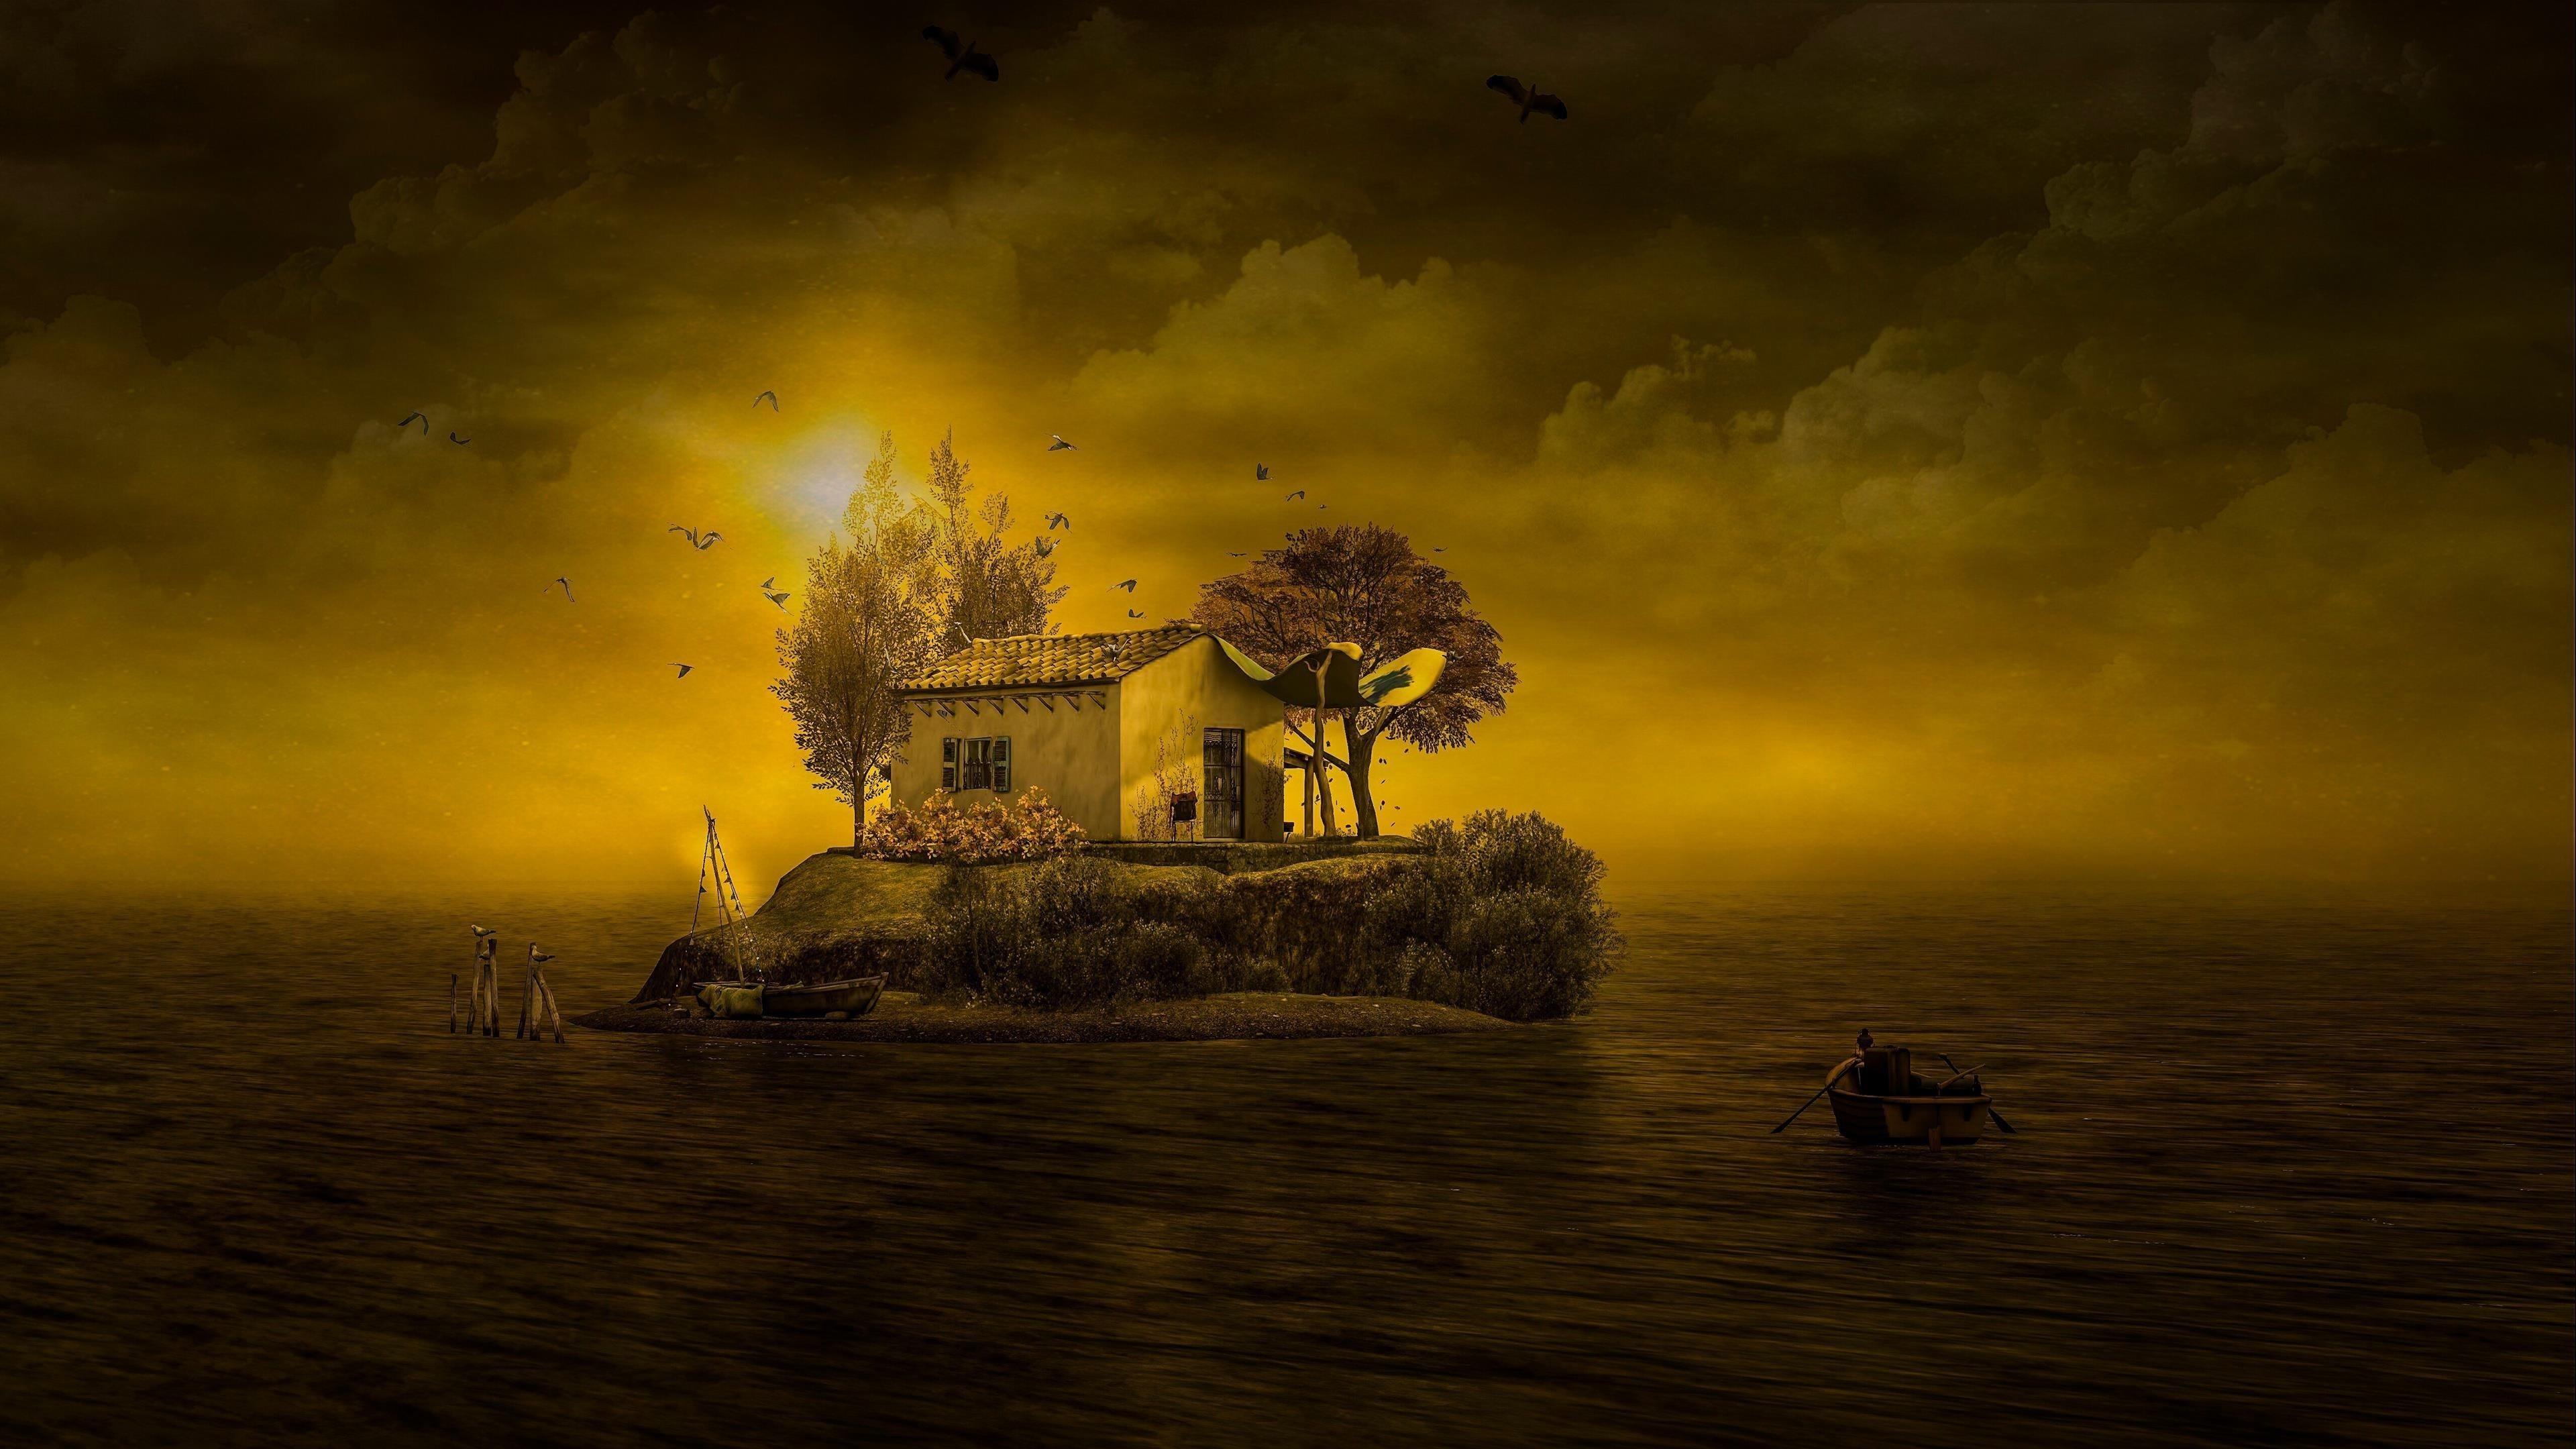 Фантастический остров между берегом моря во время заката природа обои скачать